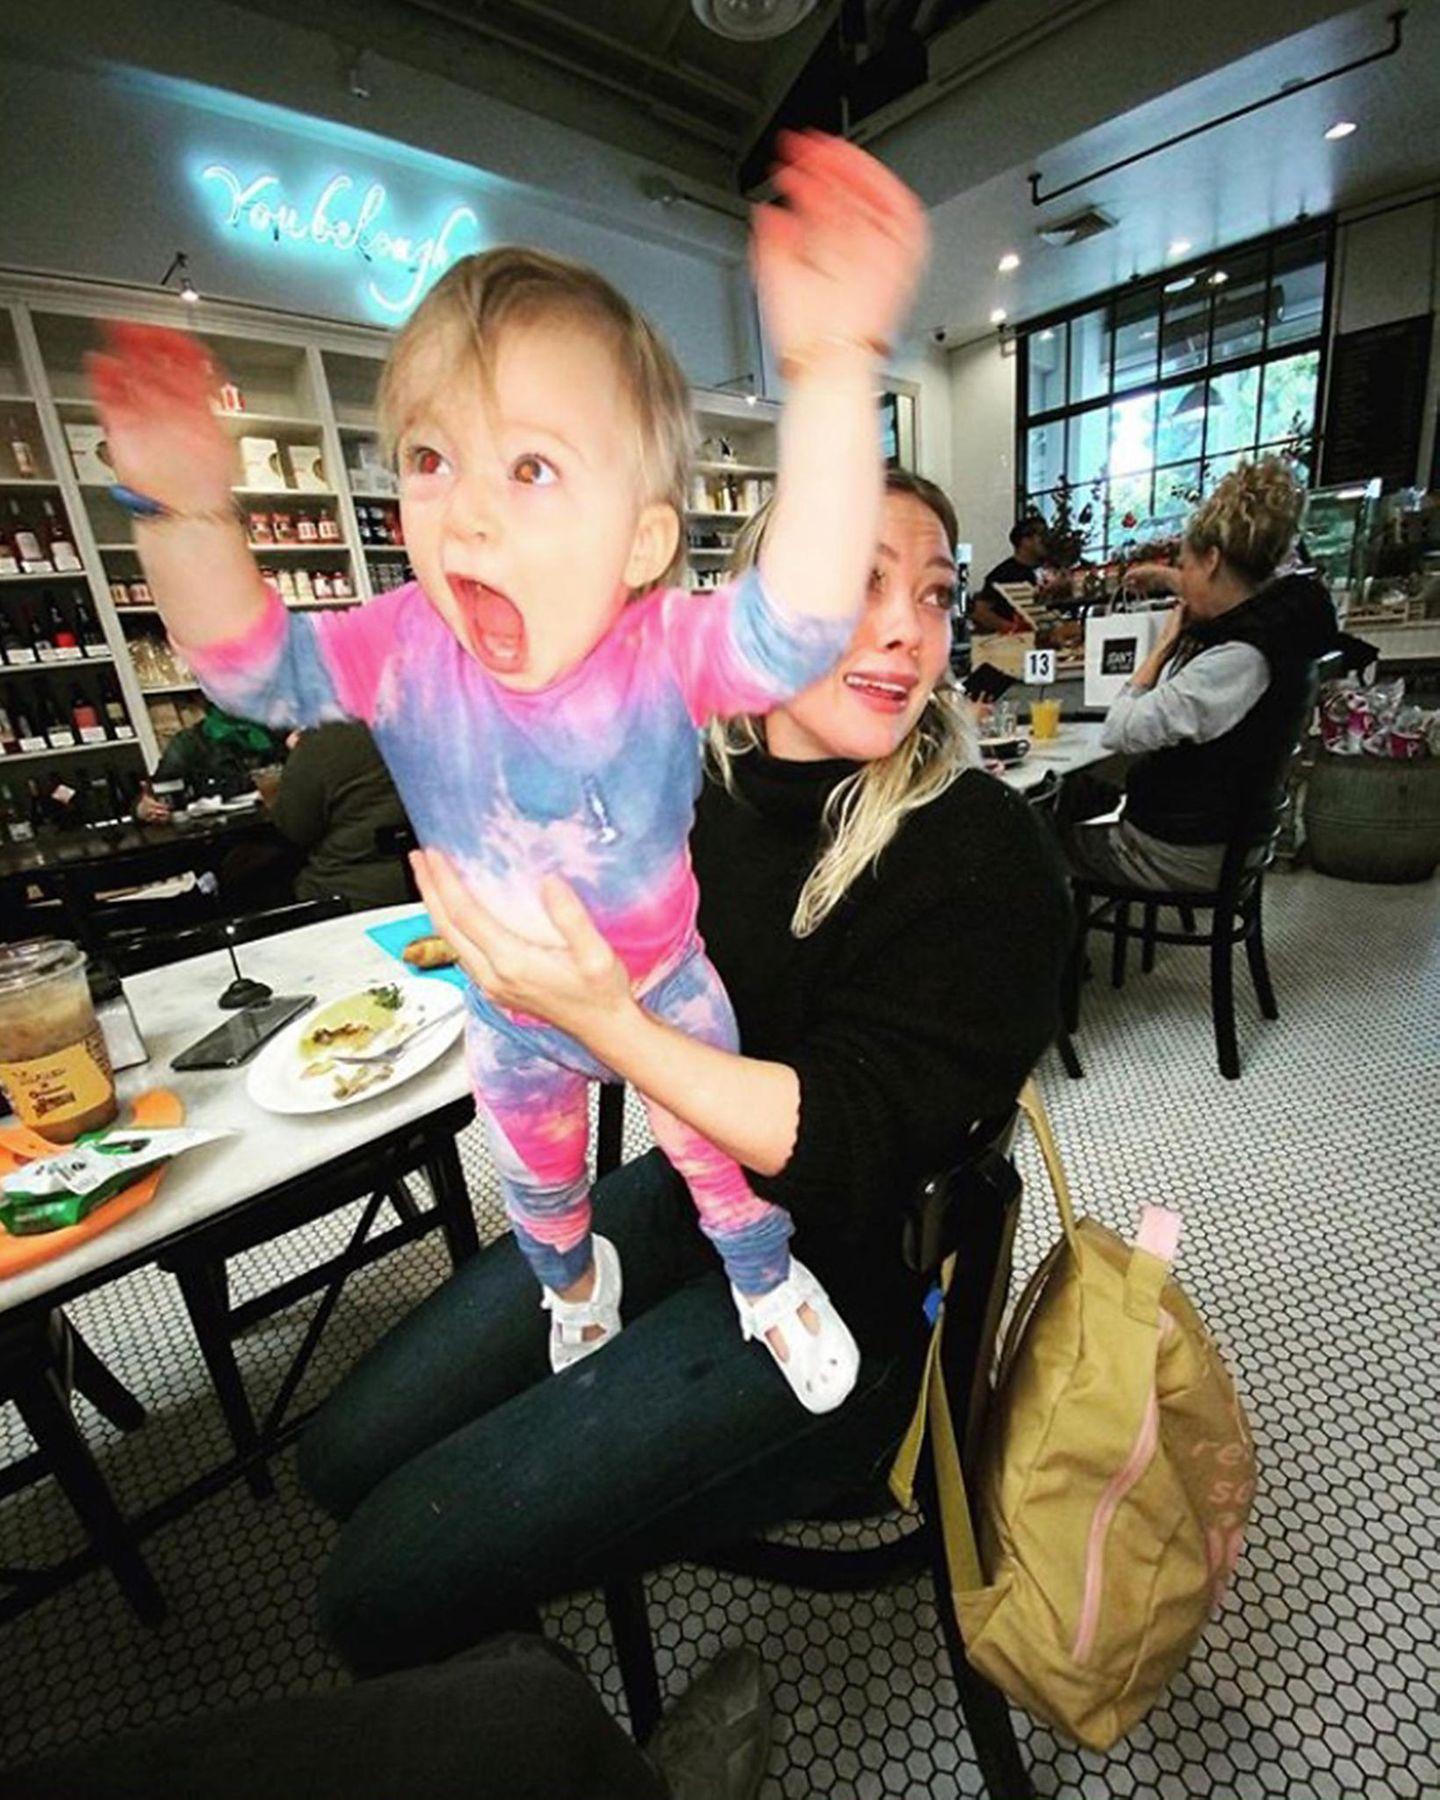 14. Oktober 2019  Aaaargh! Ihrem Gesichtsausdruck nach zu urteilen, könnte Hilary Duff mit ihrer kleinen, aber schon ziemlich energischenTochter Banks ein wenig Hilfe gebrauchen. Und genauso kommentiert sie auch diesen lustigen Schnappschuss.